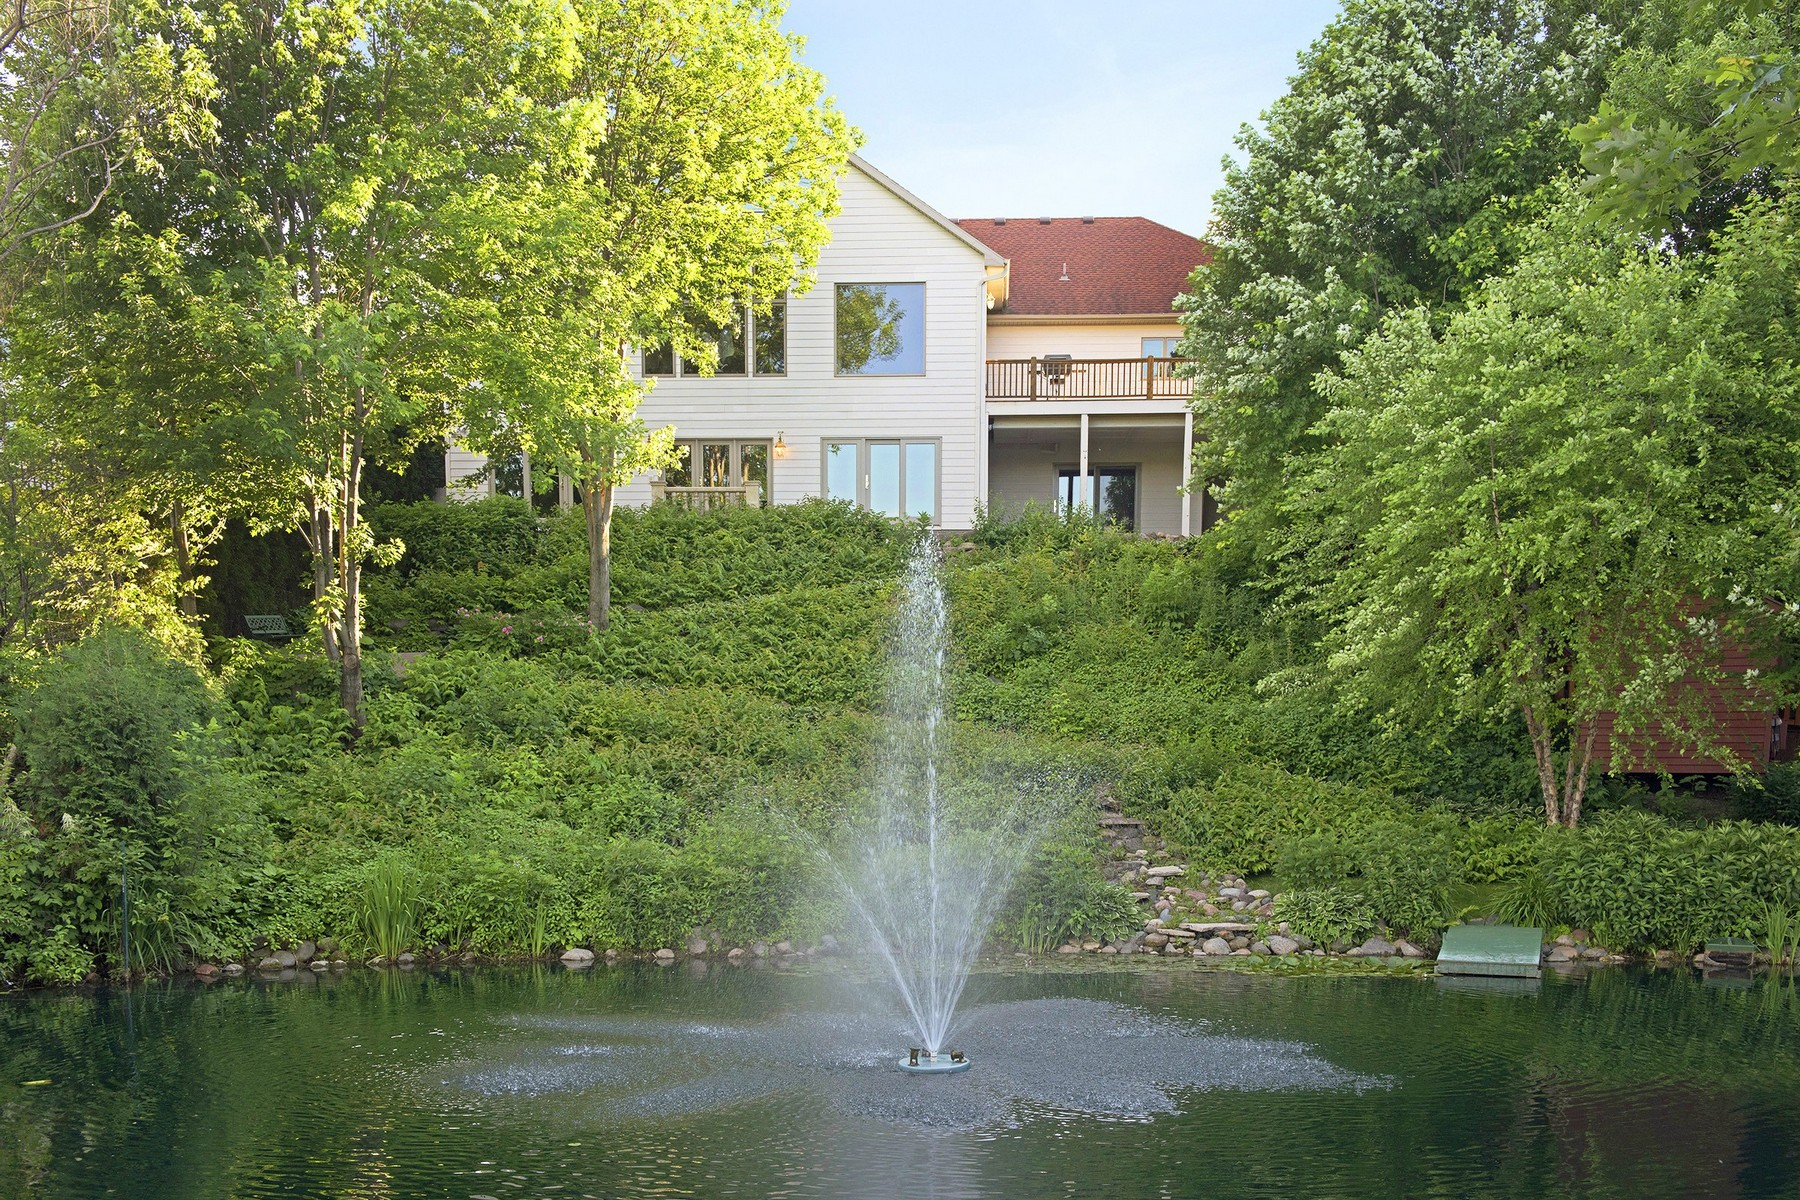 Maison unifamiliale pour l Vente à 7431 Windmill Drive Chanhassen, Minnesota 55317 États-Unis